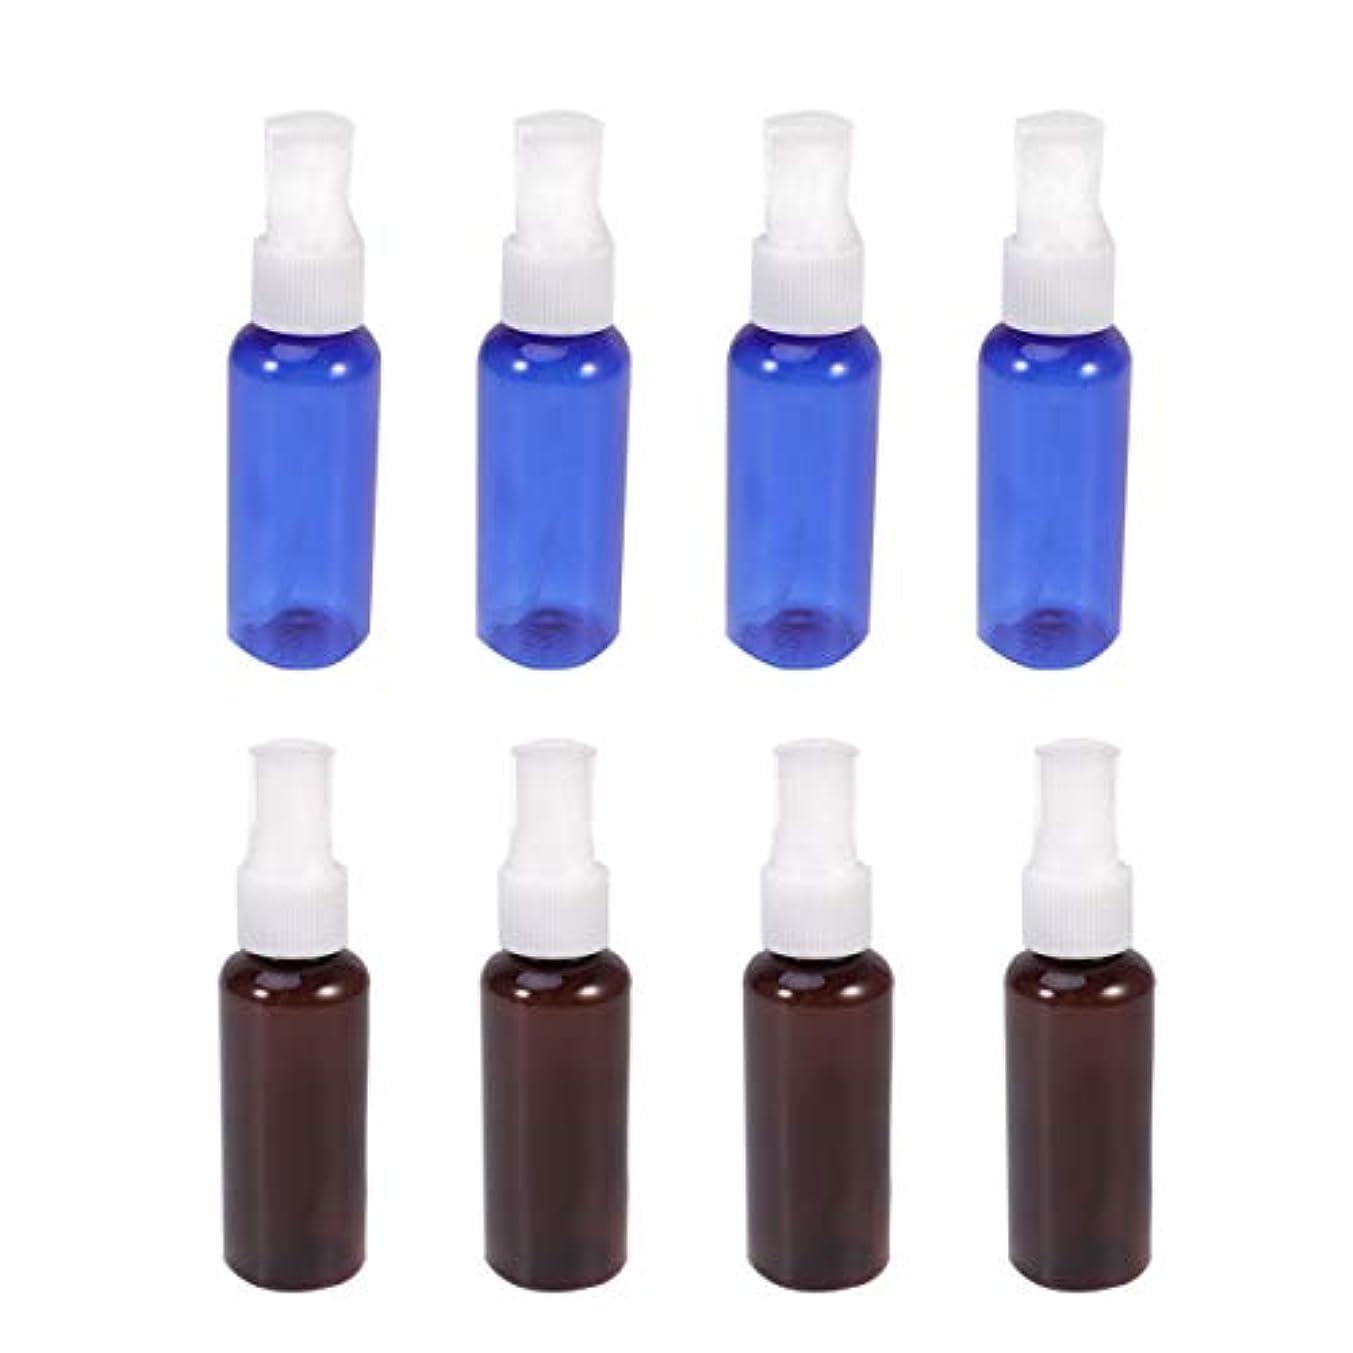 寛解オレンジ検出するLurrose 8個50 mlプラスチックスプレーボトルミニ空の香水瓶空の香水ポンプボトル(青と茶色)